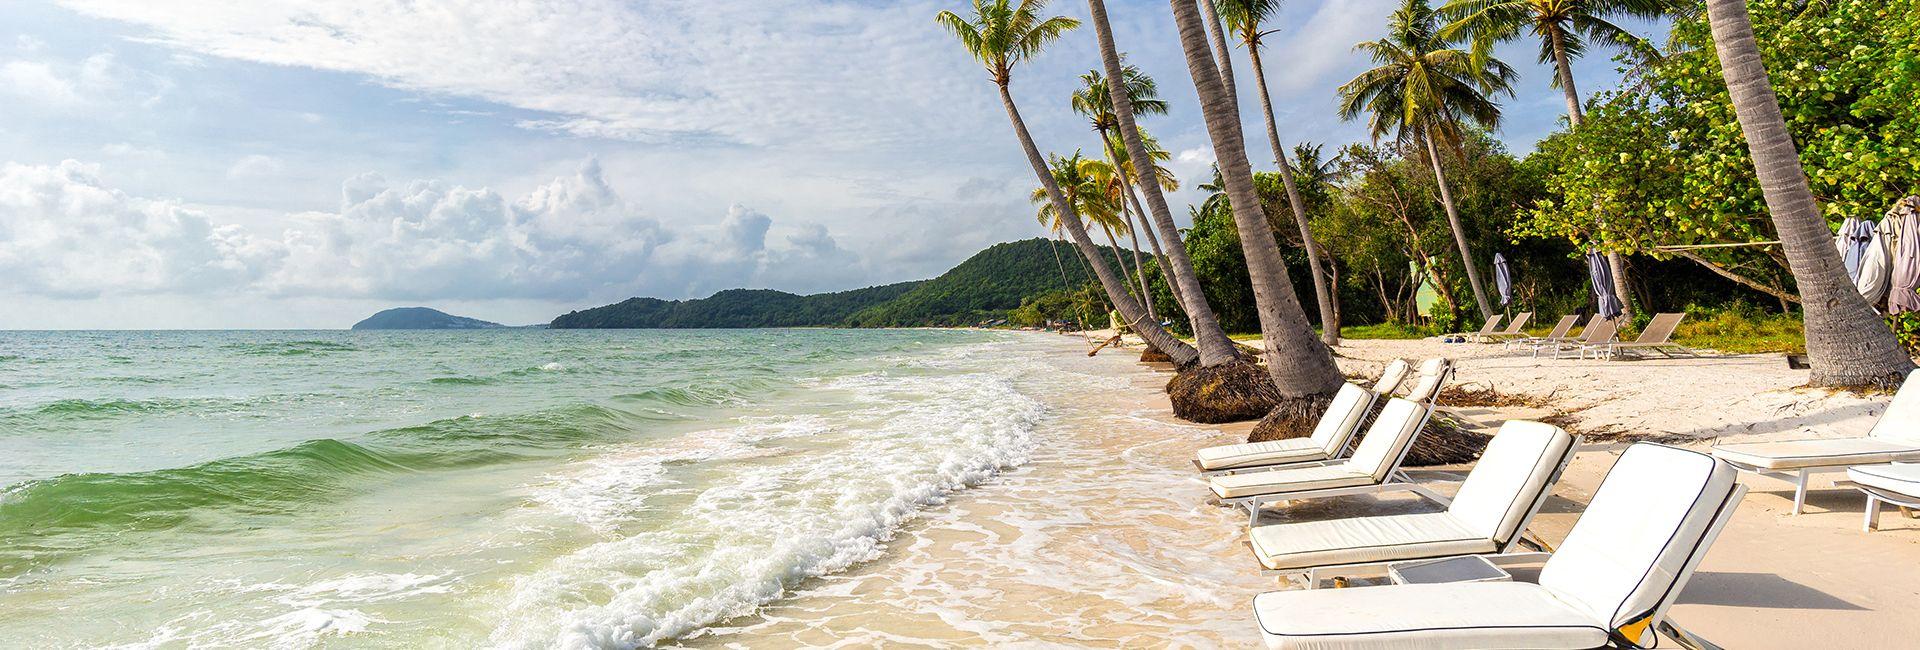 Kinh nghiệm du lịch Bãi Sao - Bãi Biển đẹp nhất Phú Quốc